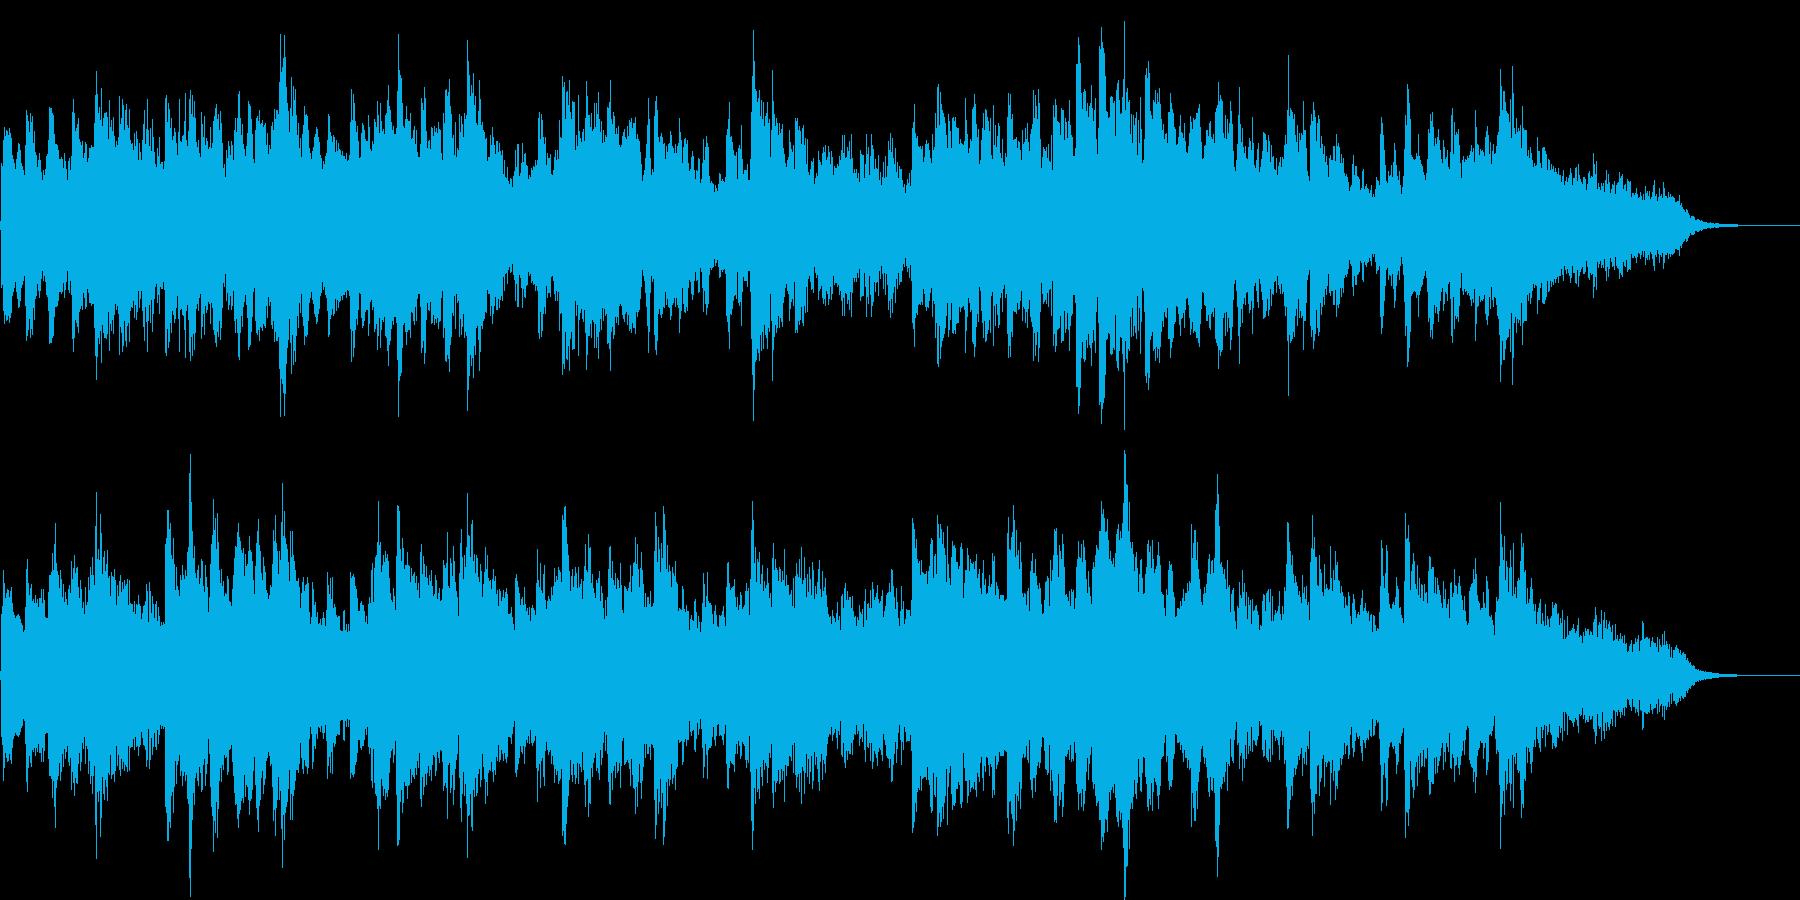 ピアノとシンセの切ないバラードジングルの再生済みの波形